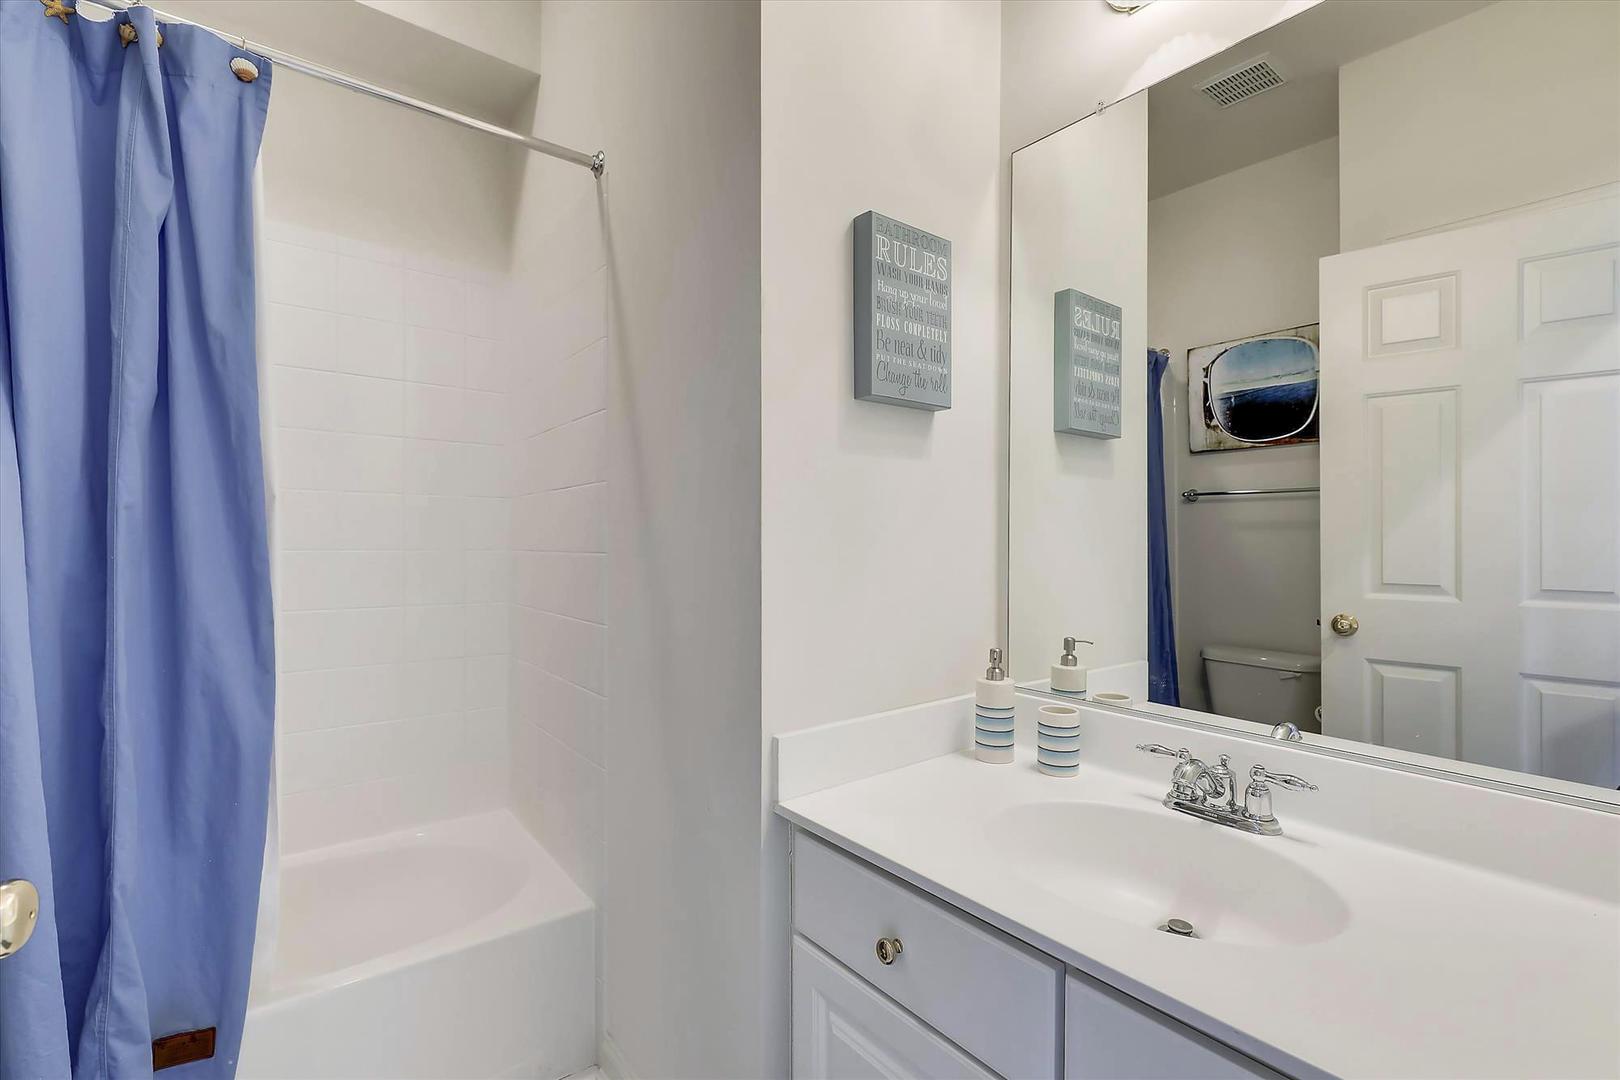 Sunset Island 17 Fountain Dr. W - 3rd Floor Hall Bathroom